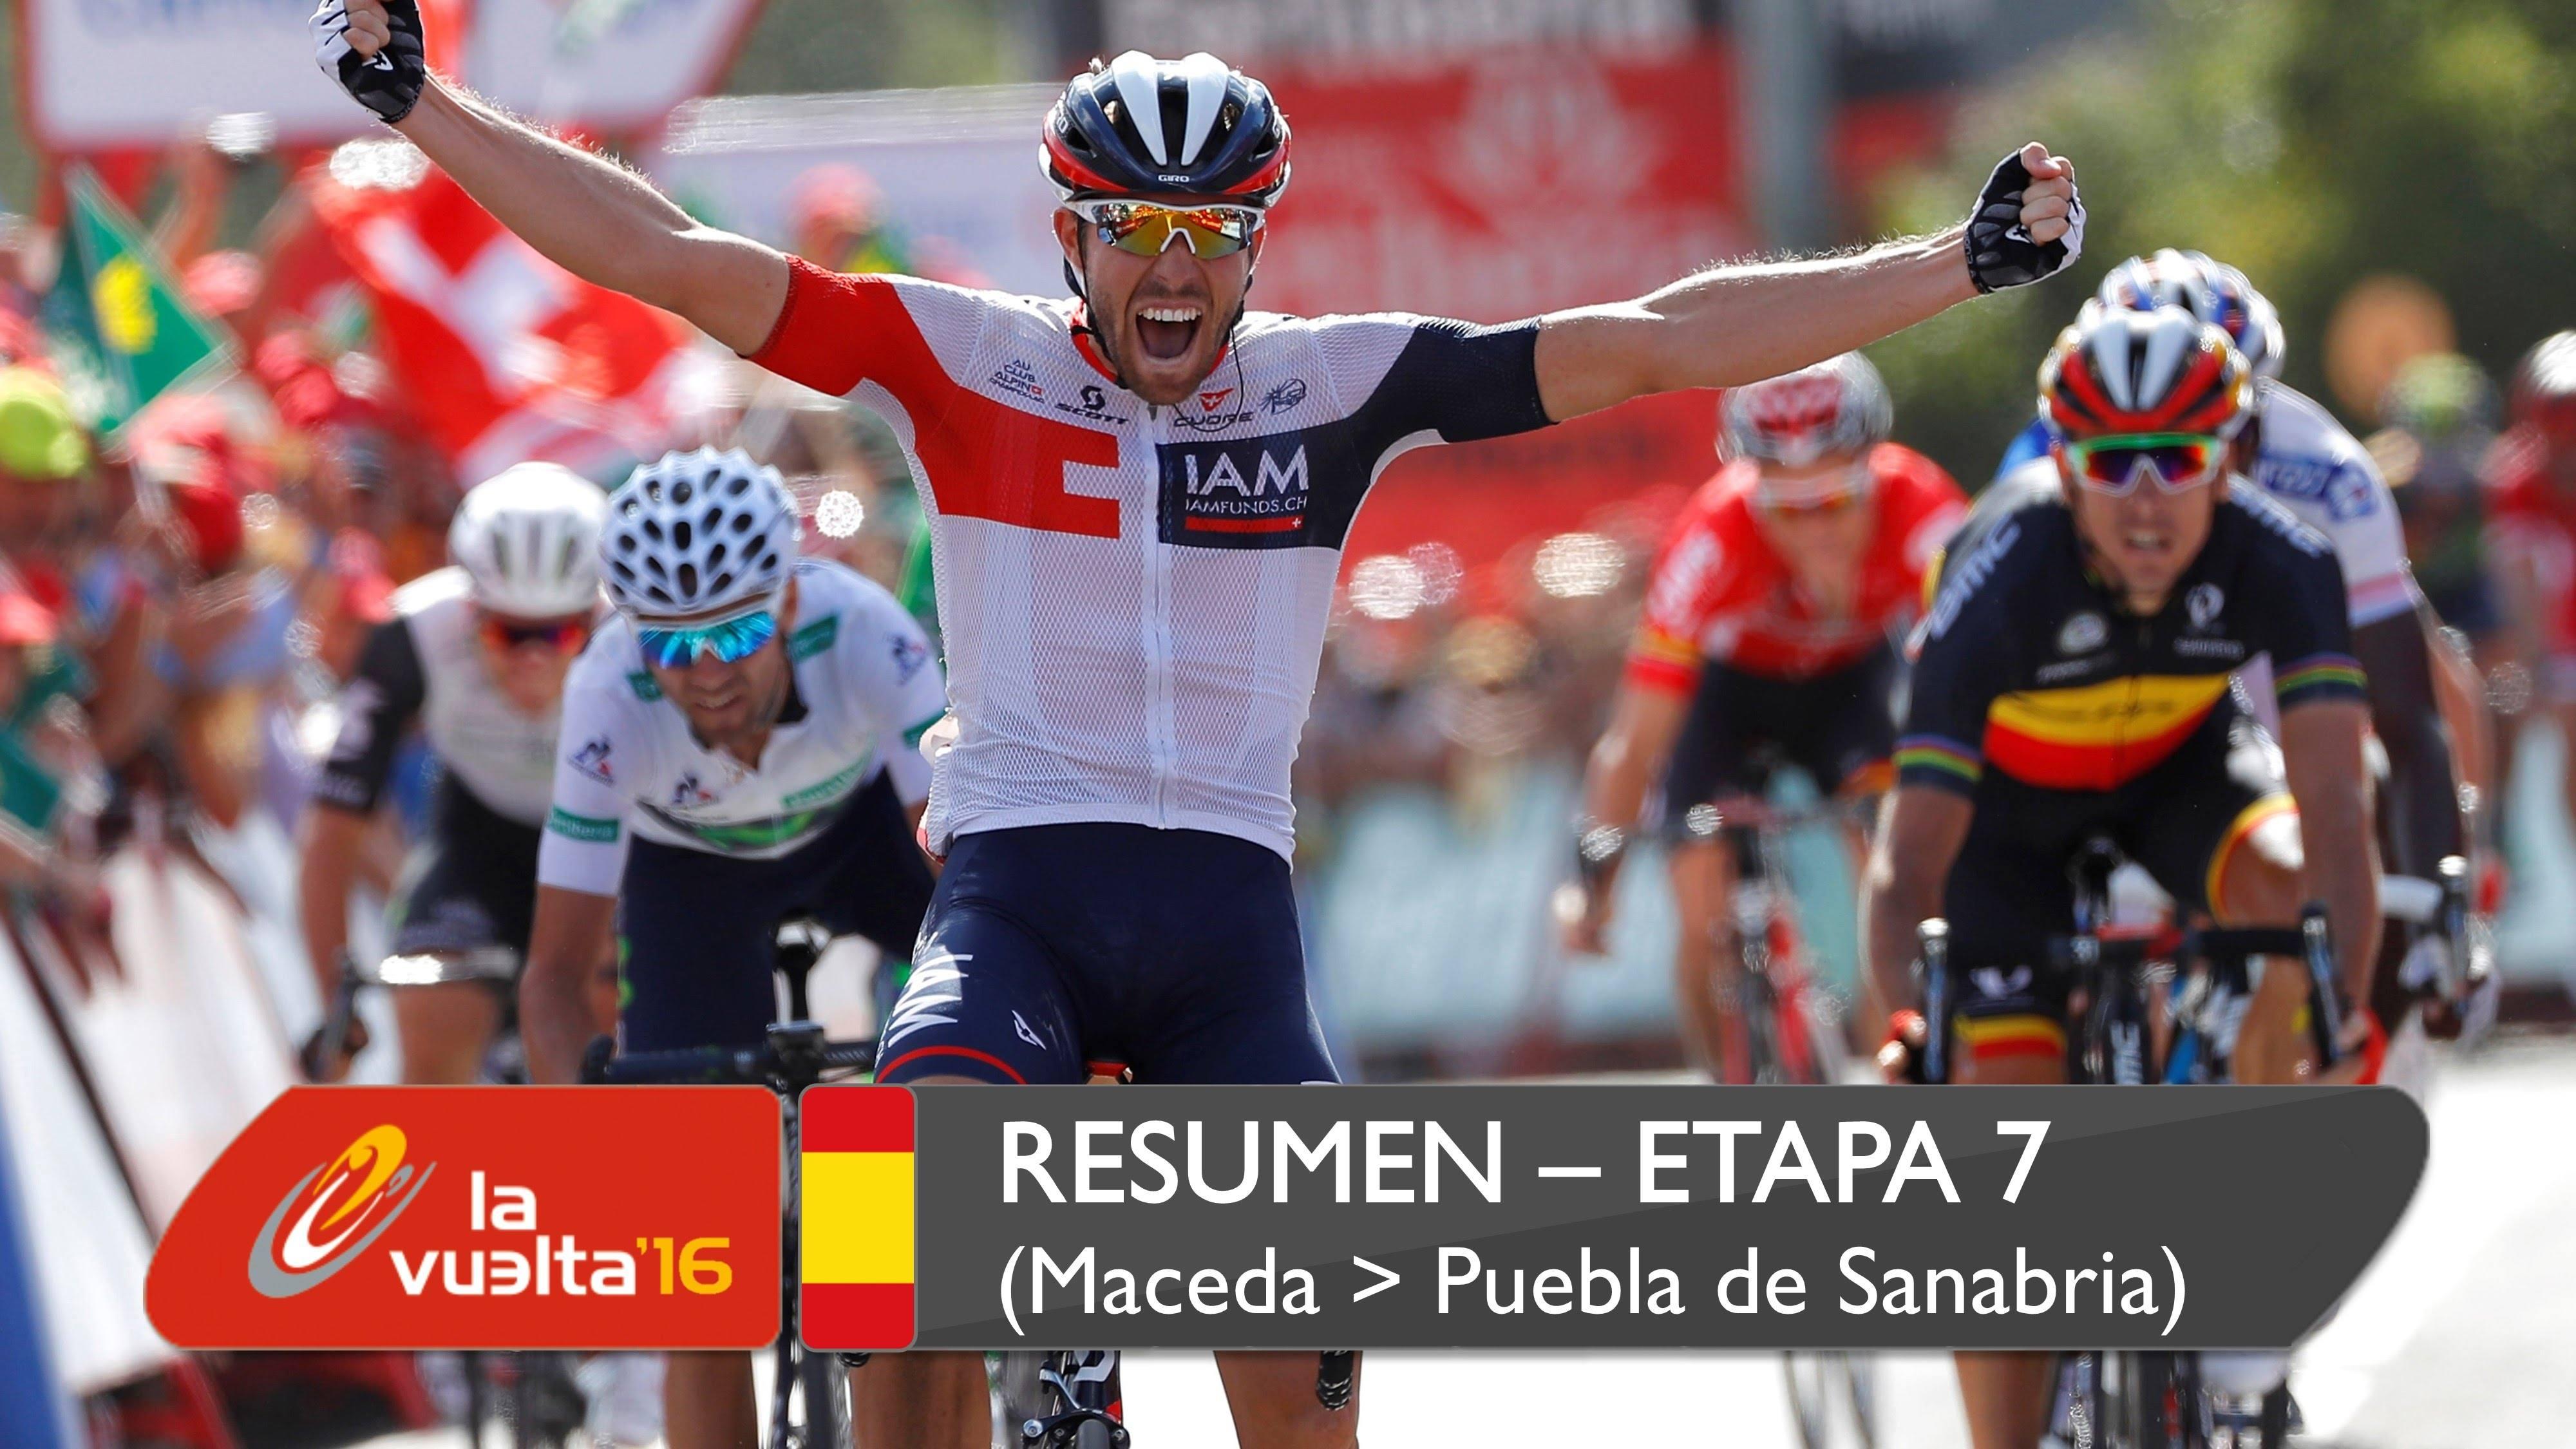 Escola de Ciclismo de Maceda Vuelta España JoanSeguidor